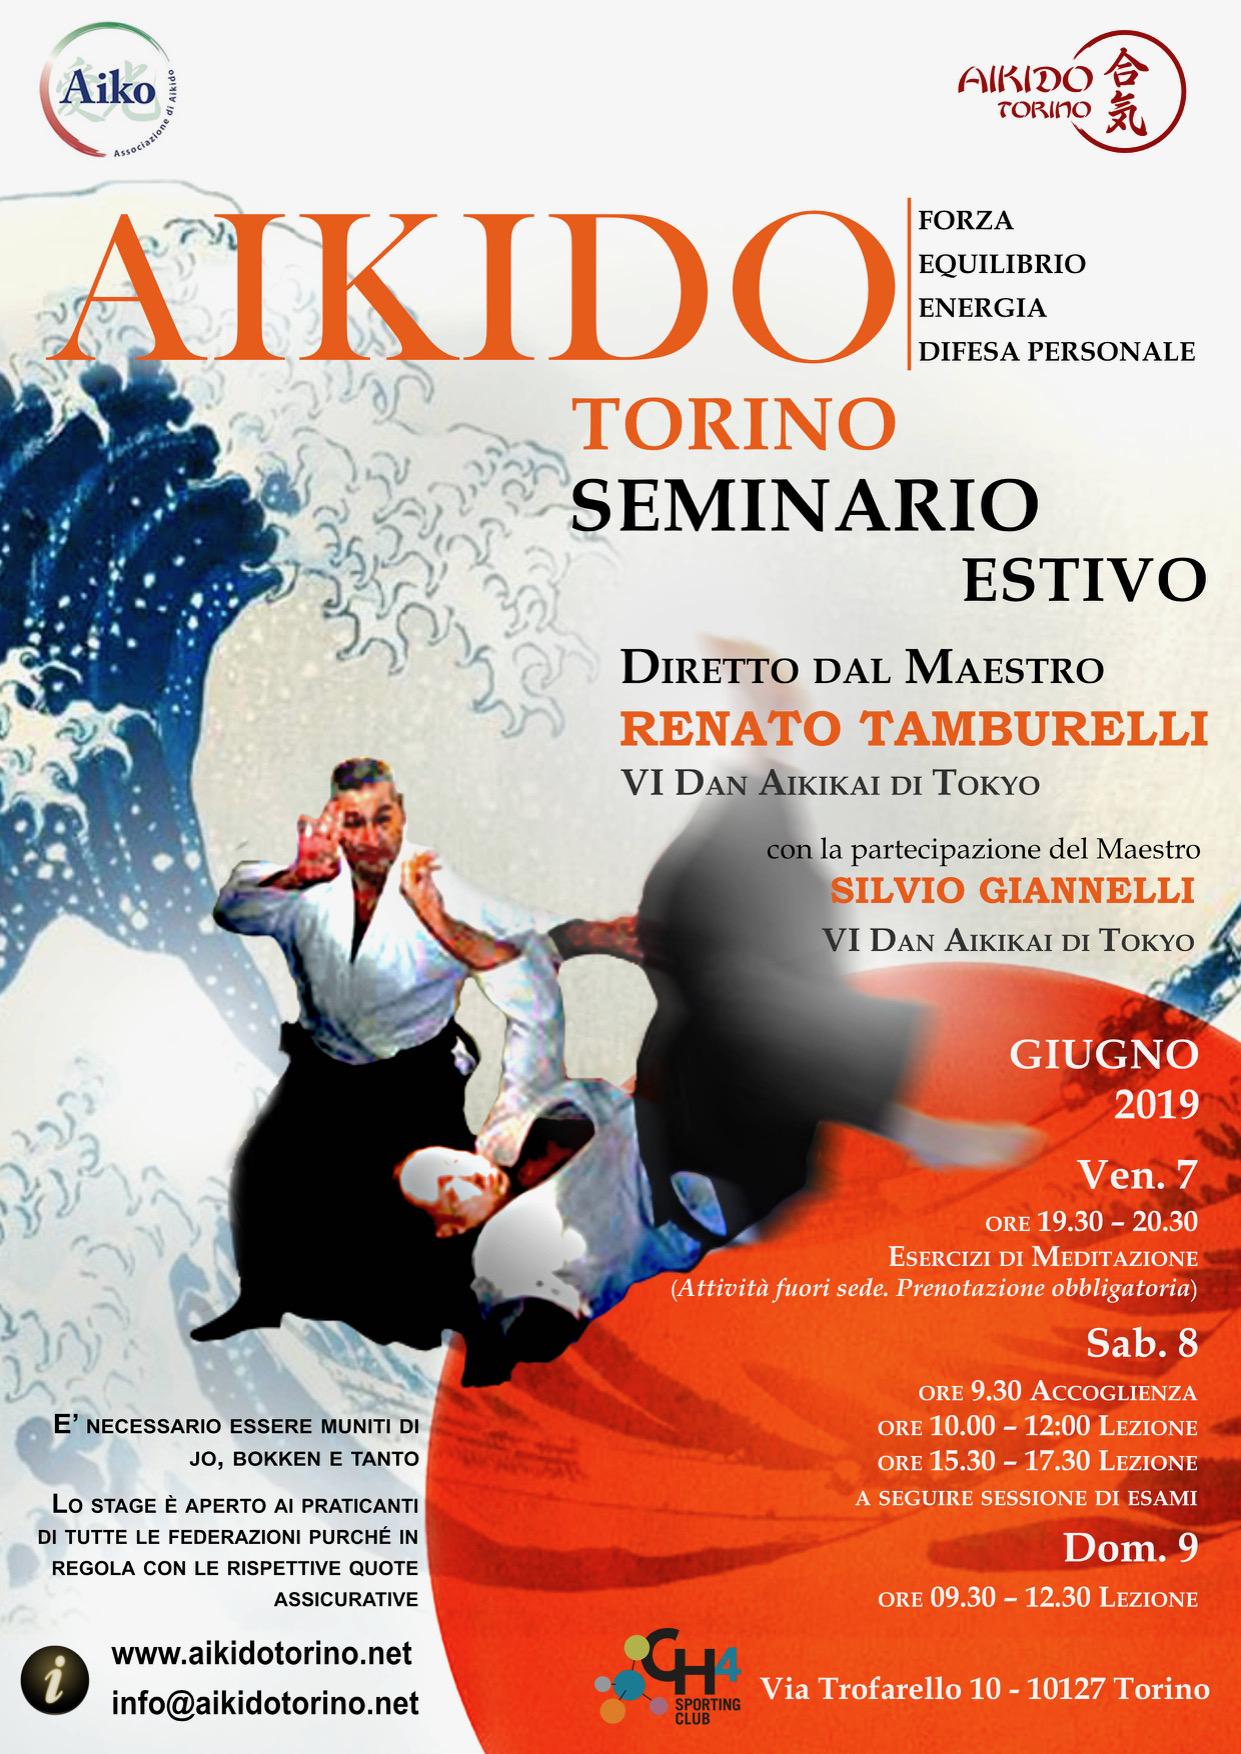 seminario aikido torino arte marziale tamburelli